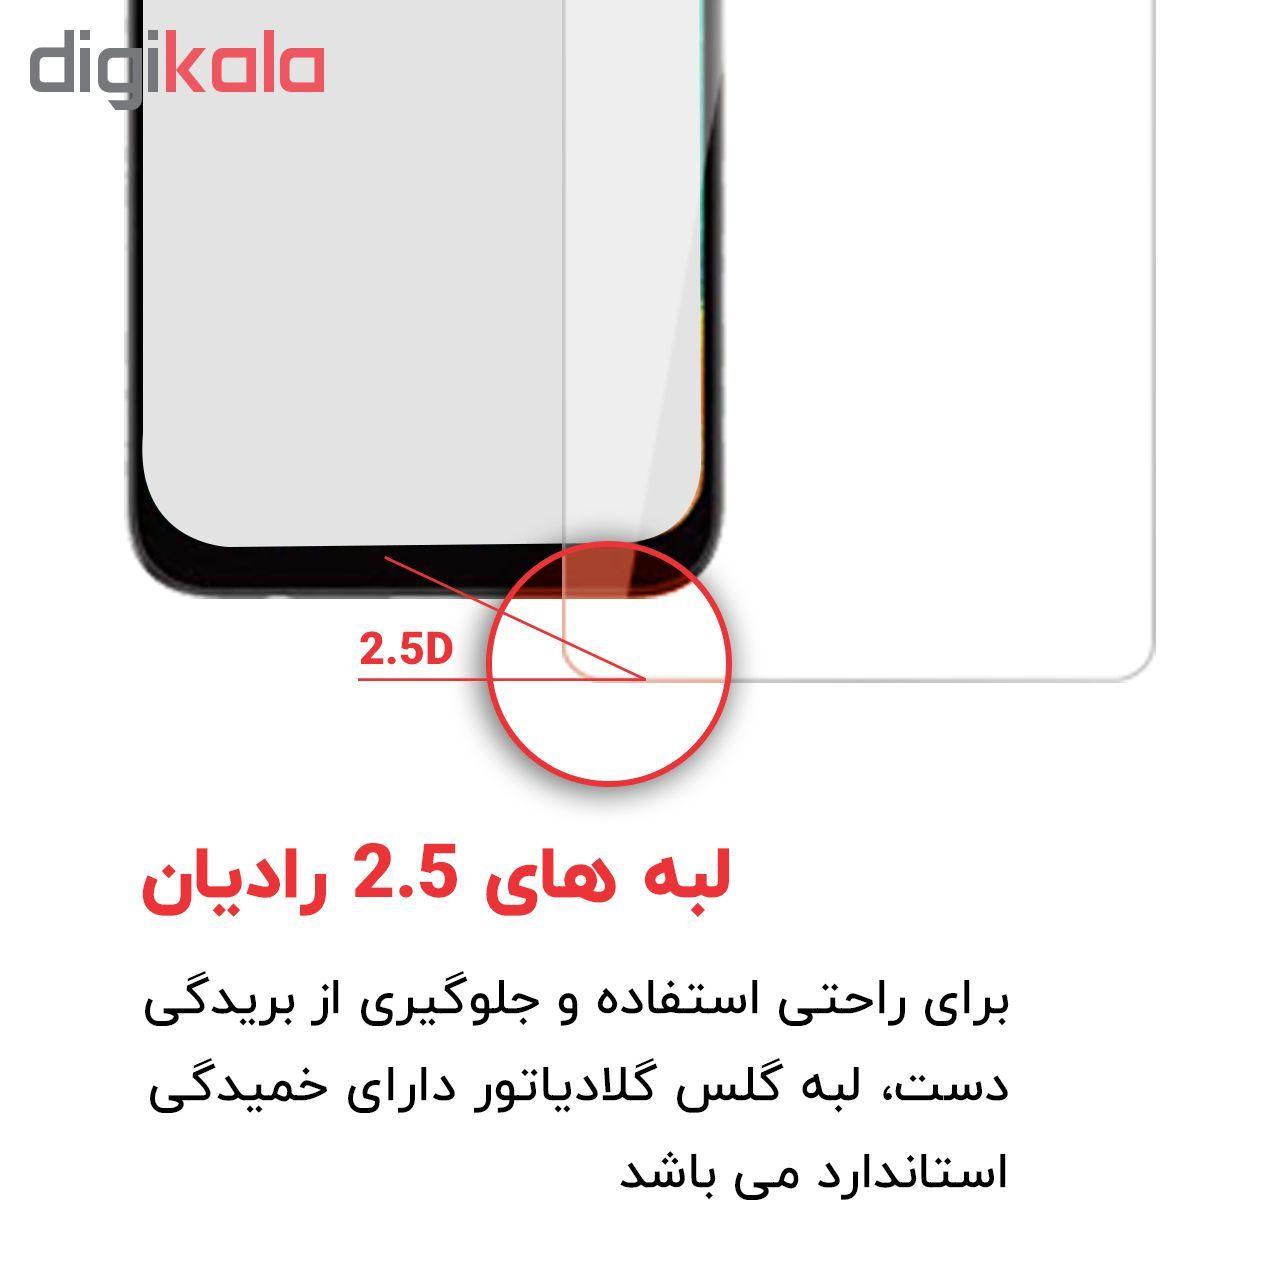 محافظ صفحه نمایش گلادیاتور مدل GPH1000 مناسب برای گوشی موبایل هوآوی Y7 Prime 2019 main 1 6